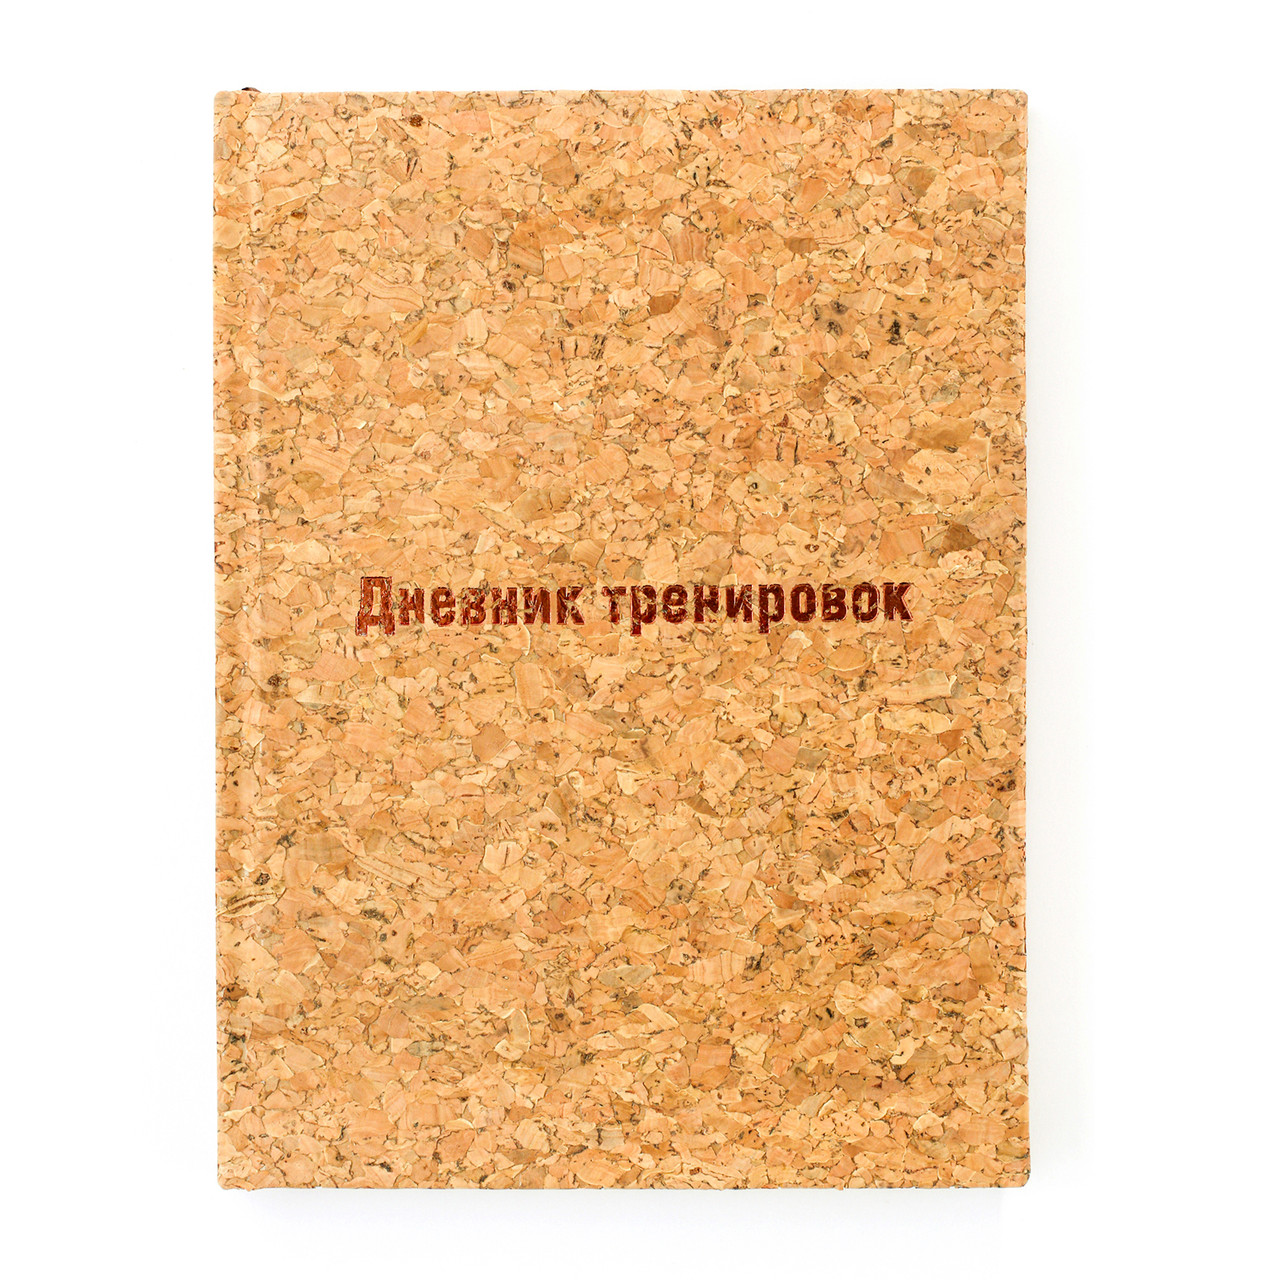 Дневник тренировок пробковый эко Kiri sketch Light cork A5 твердый книжный переплет